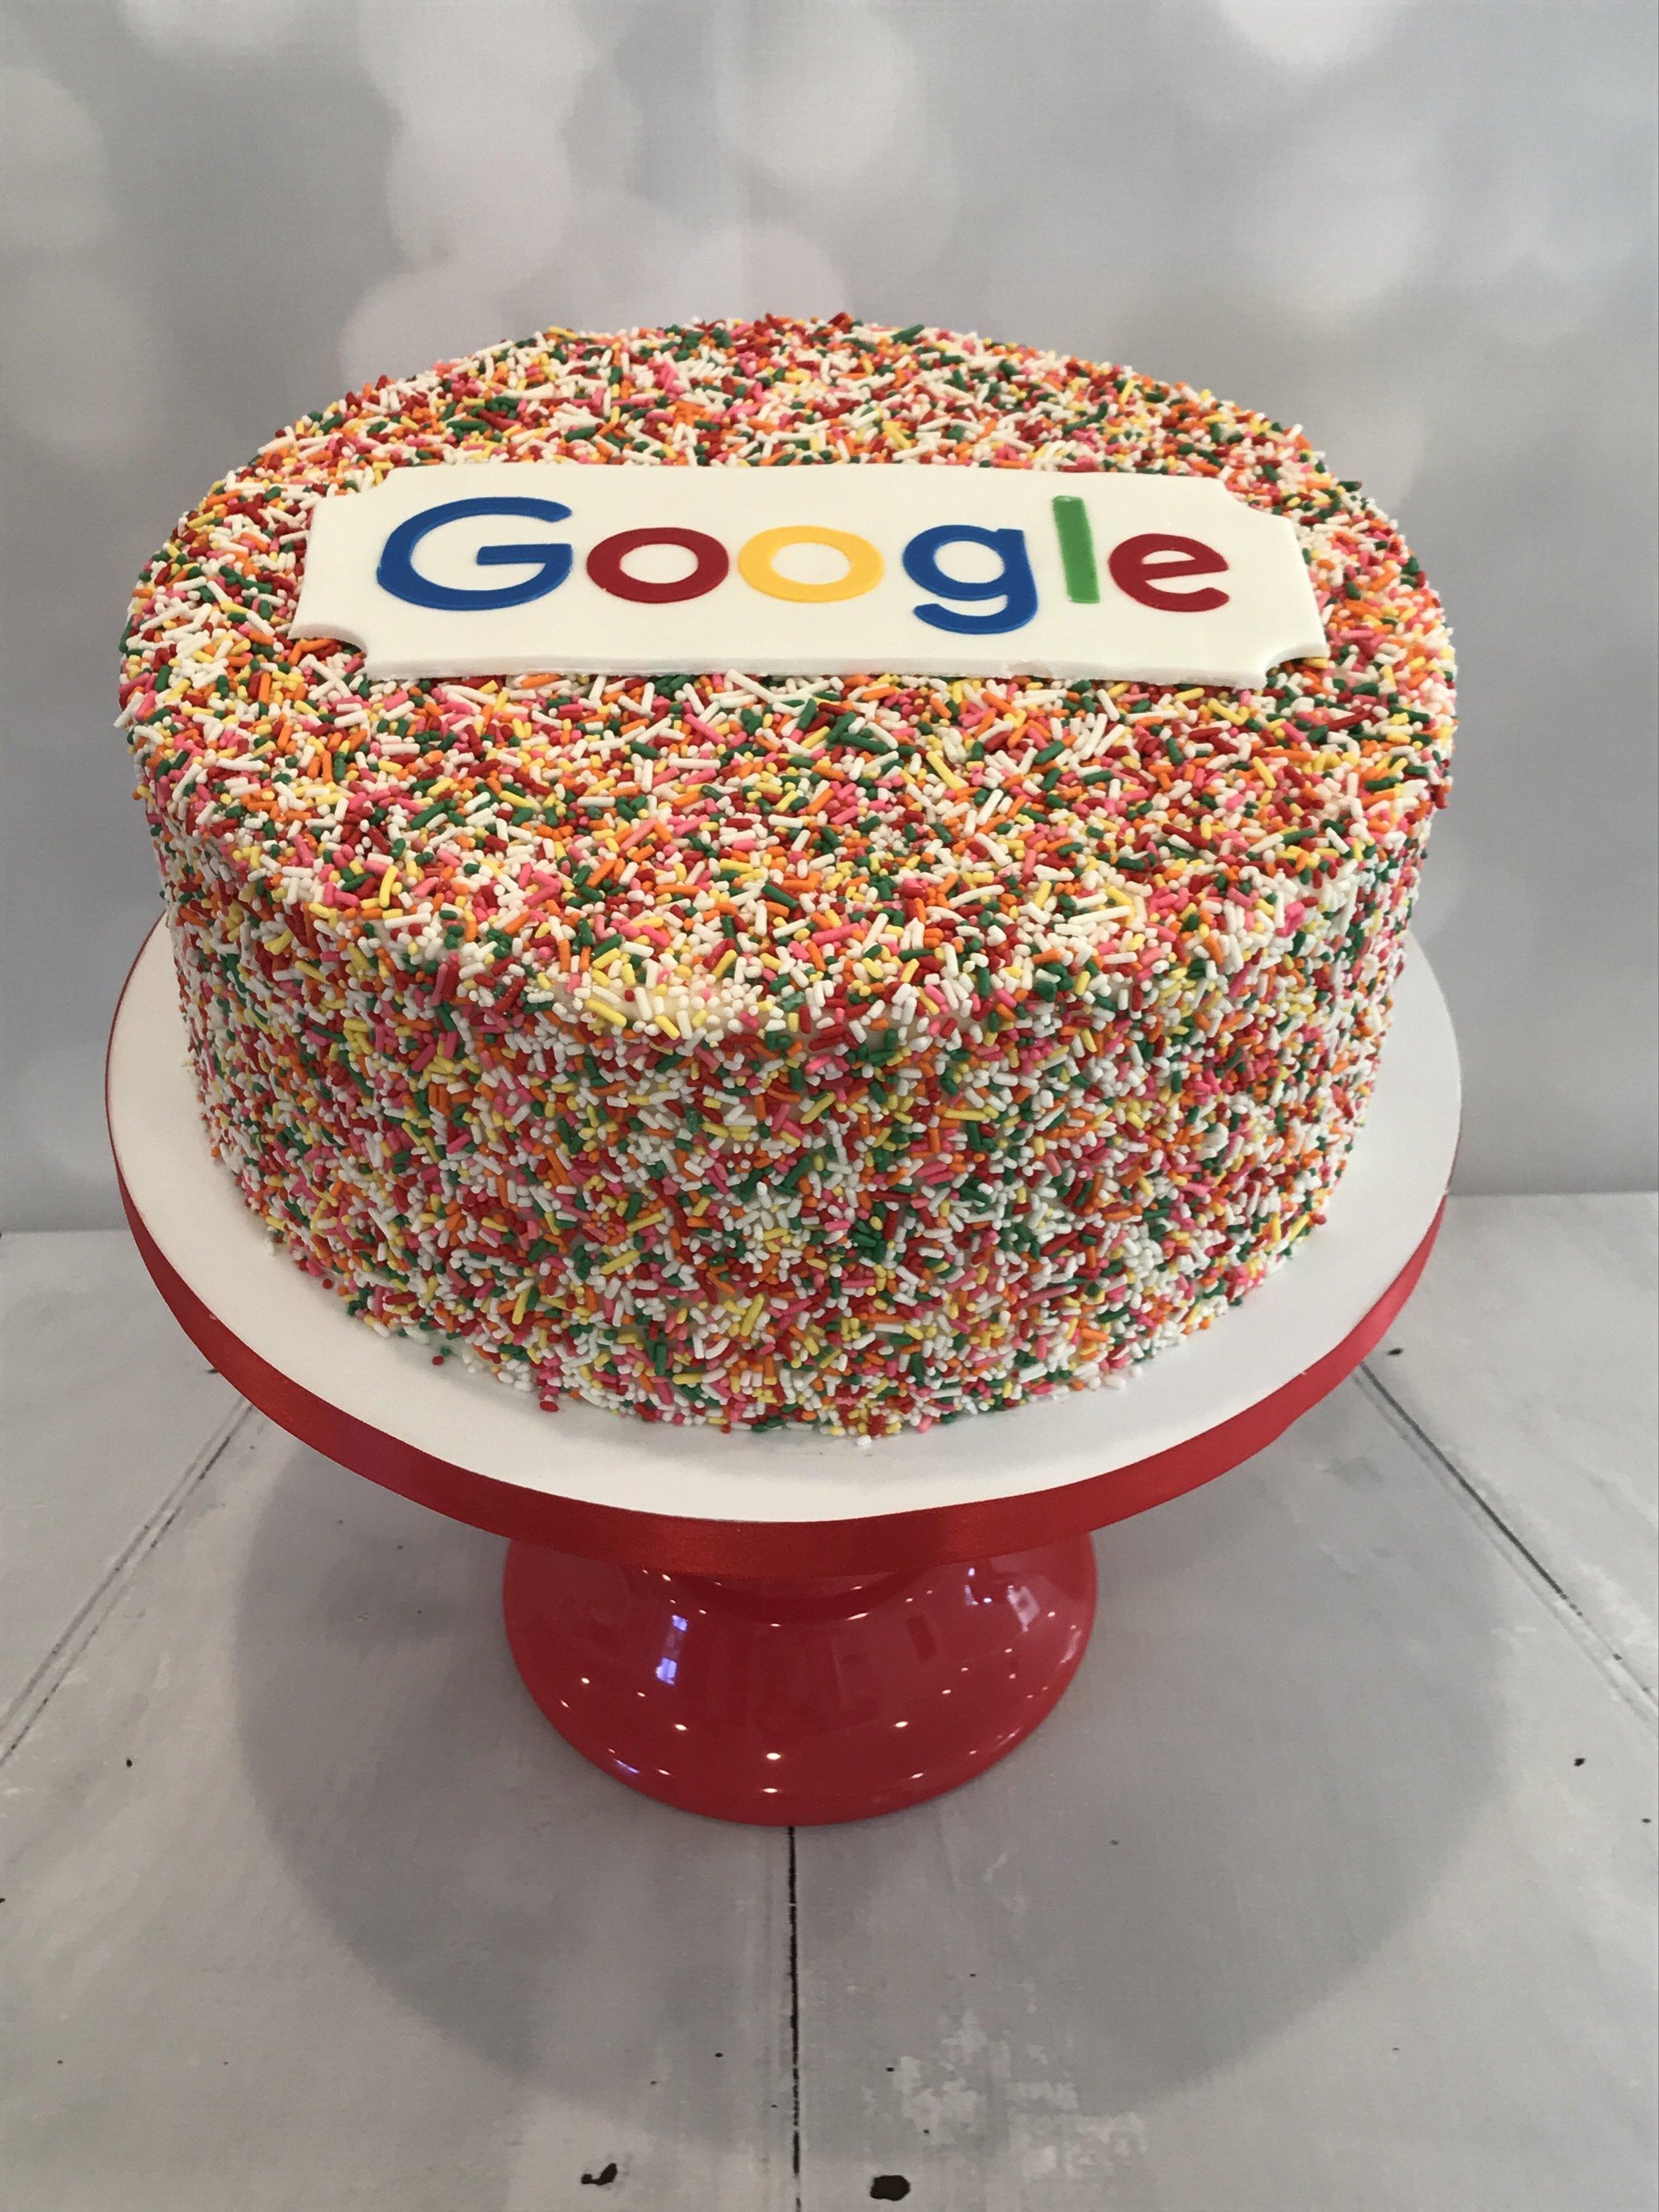 Google Funfetti Cake